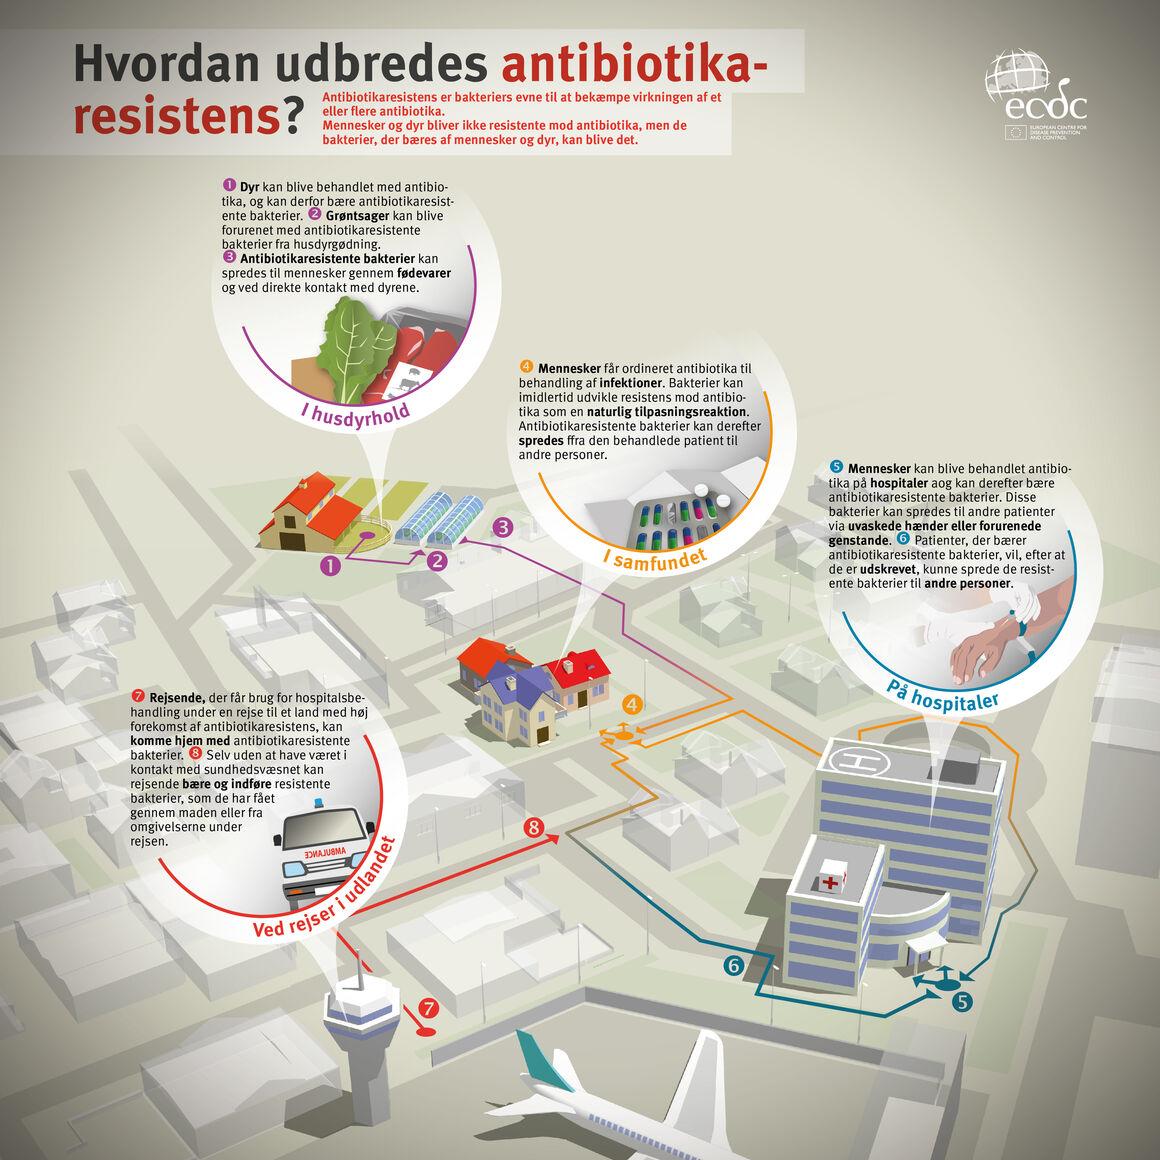 Hvordan udbredes antibiotikaresistens?